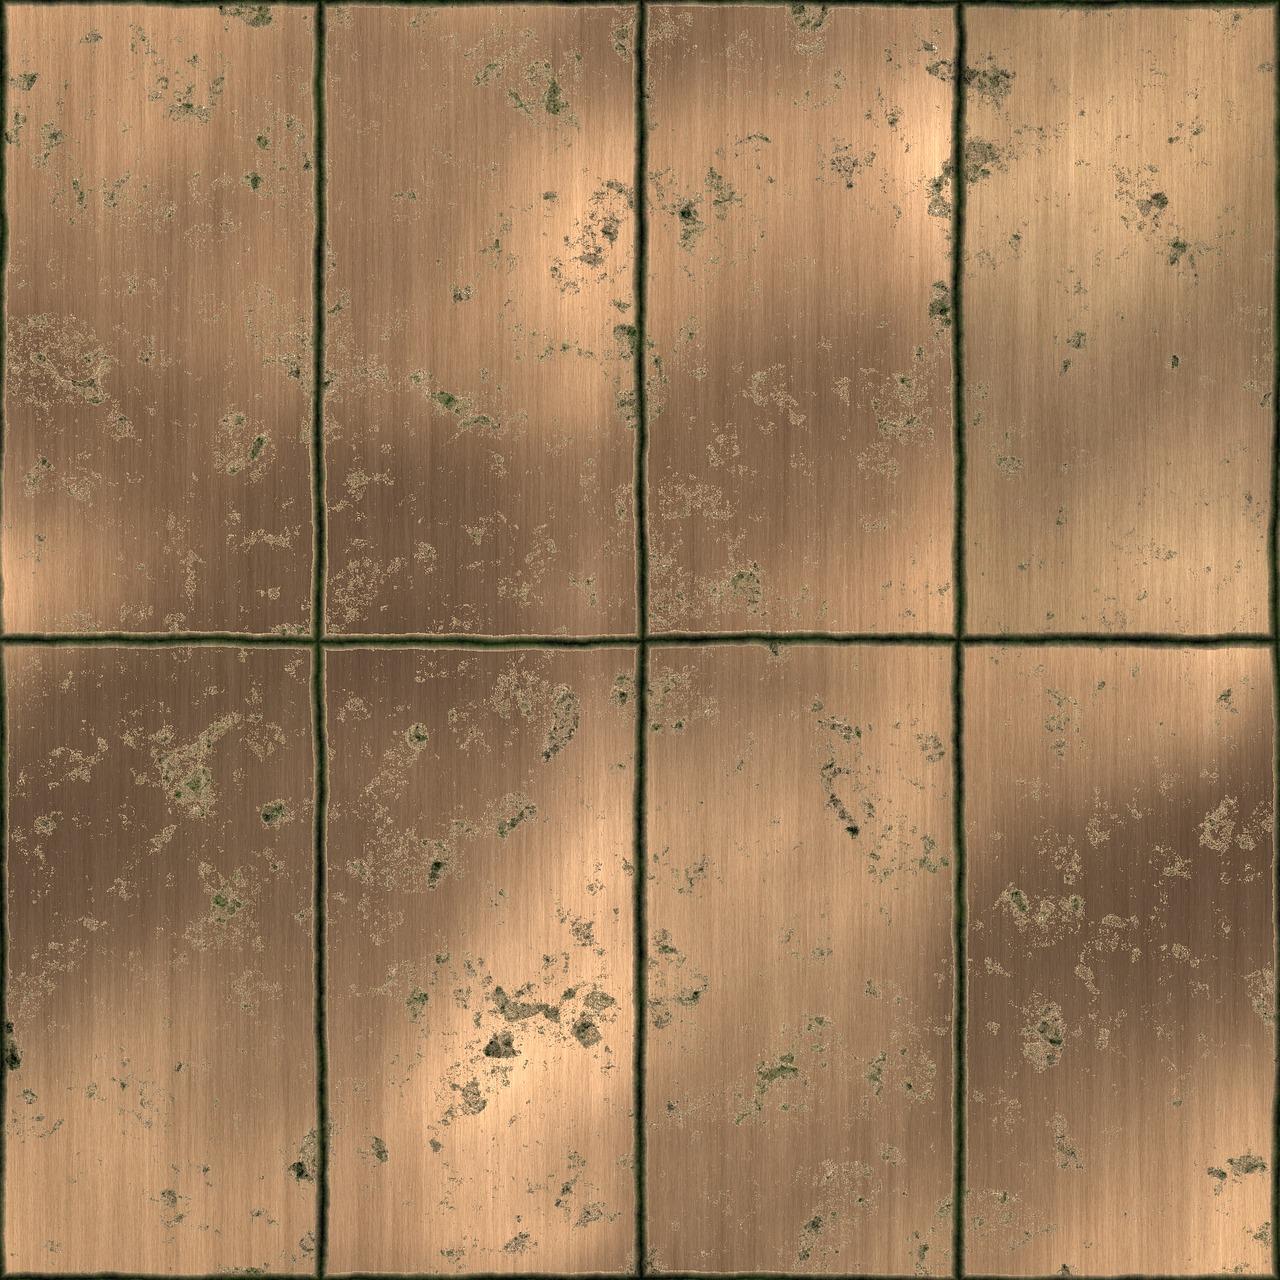 суммируются, панель листовая фотопечать доска старая темная которые они